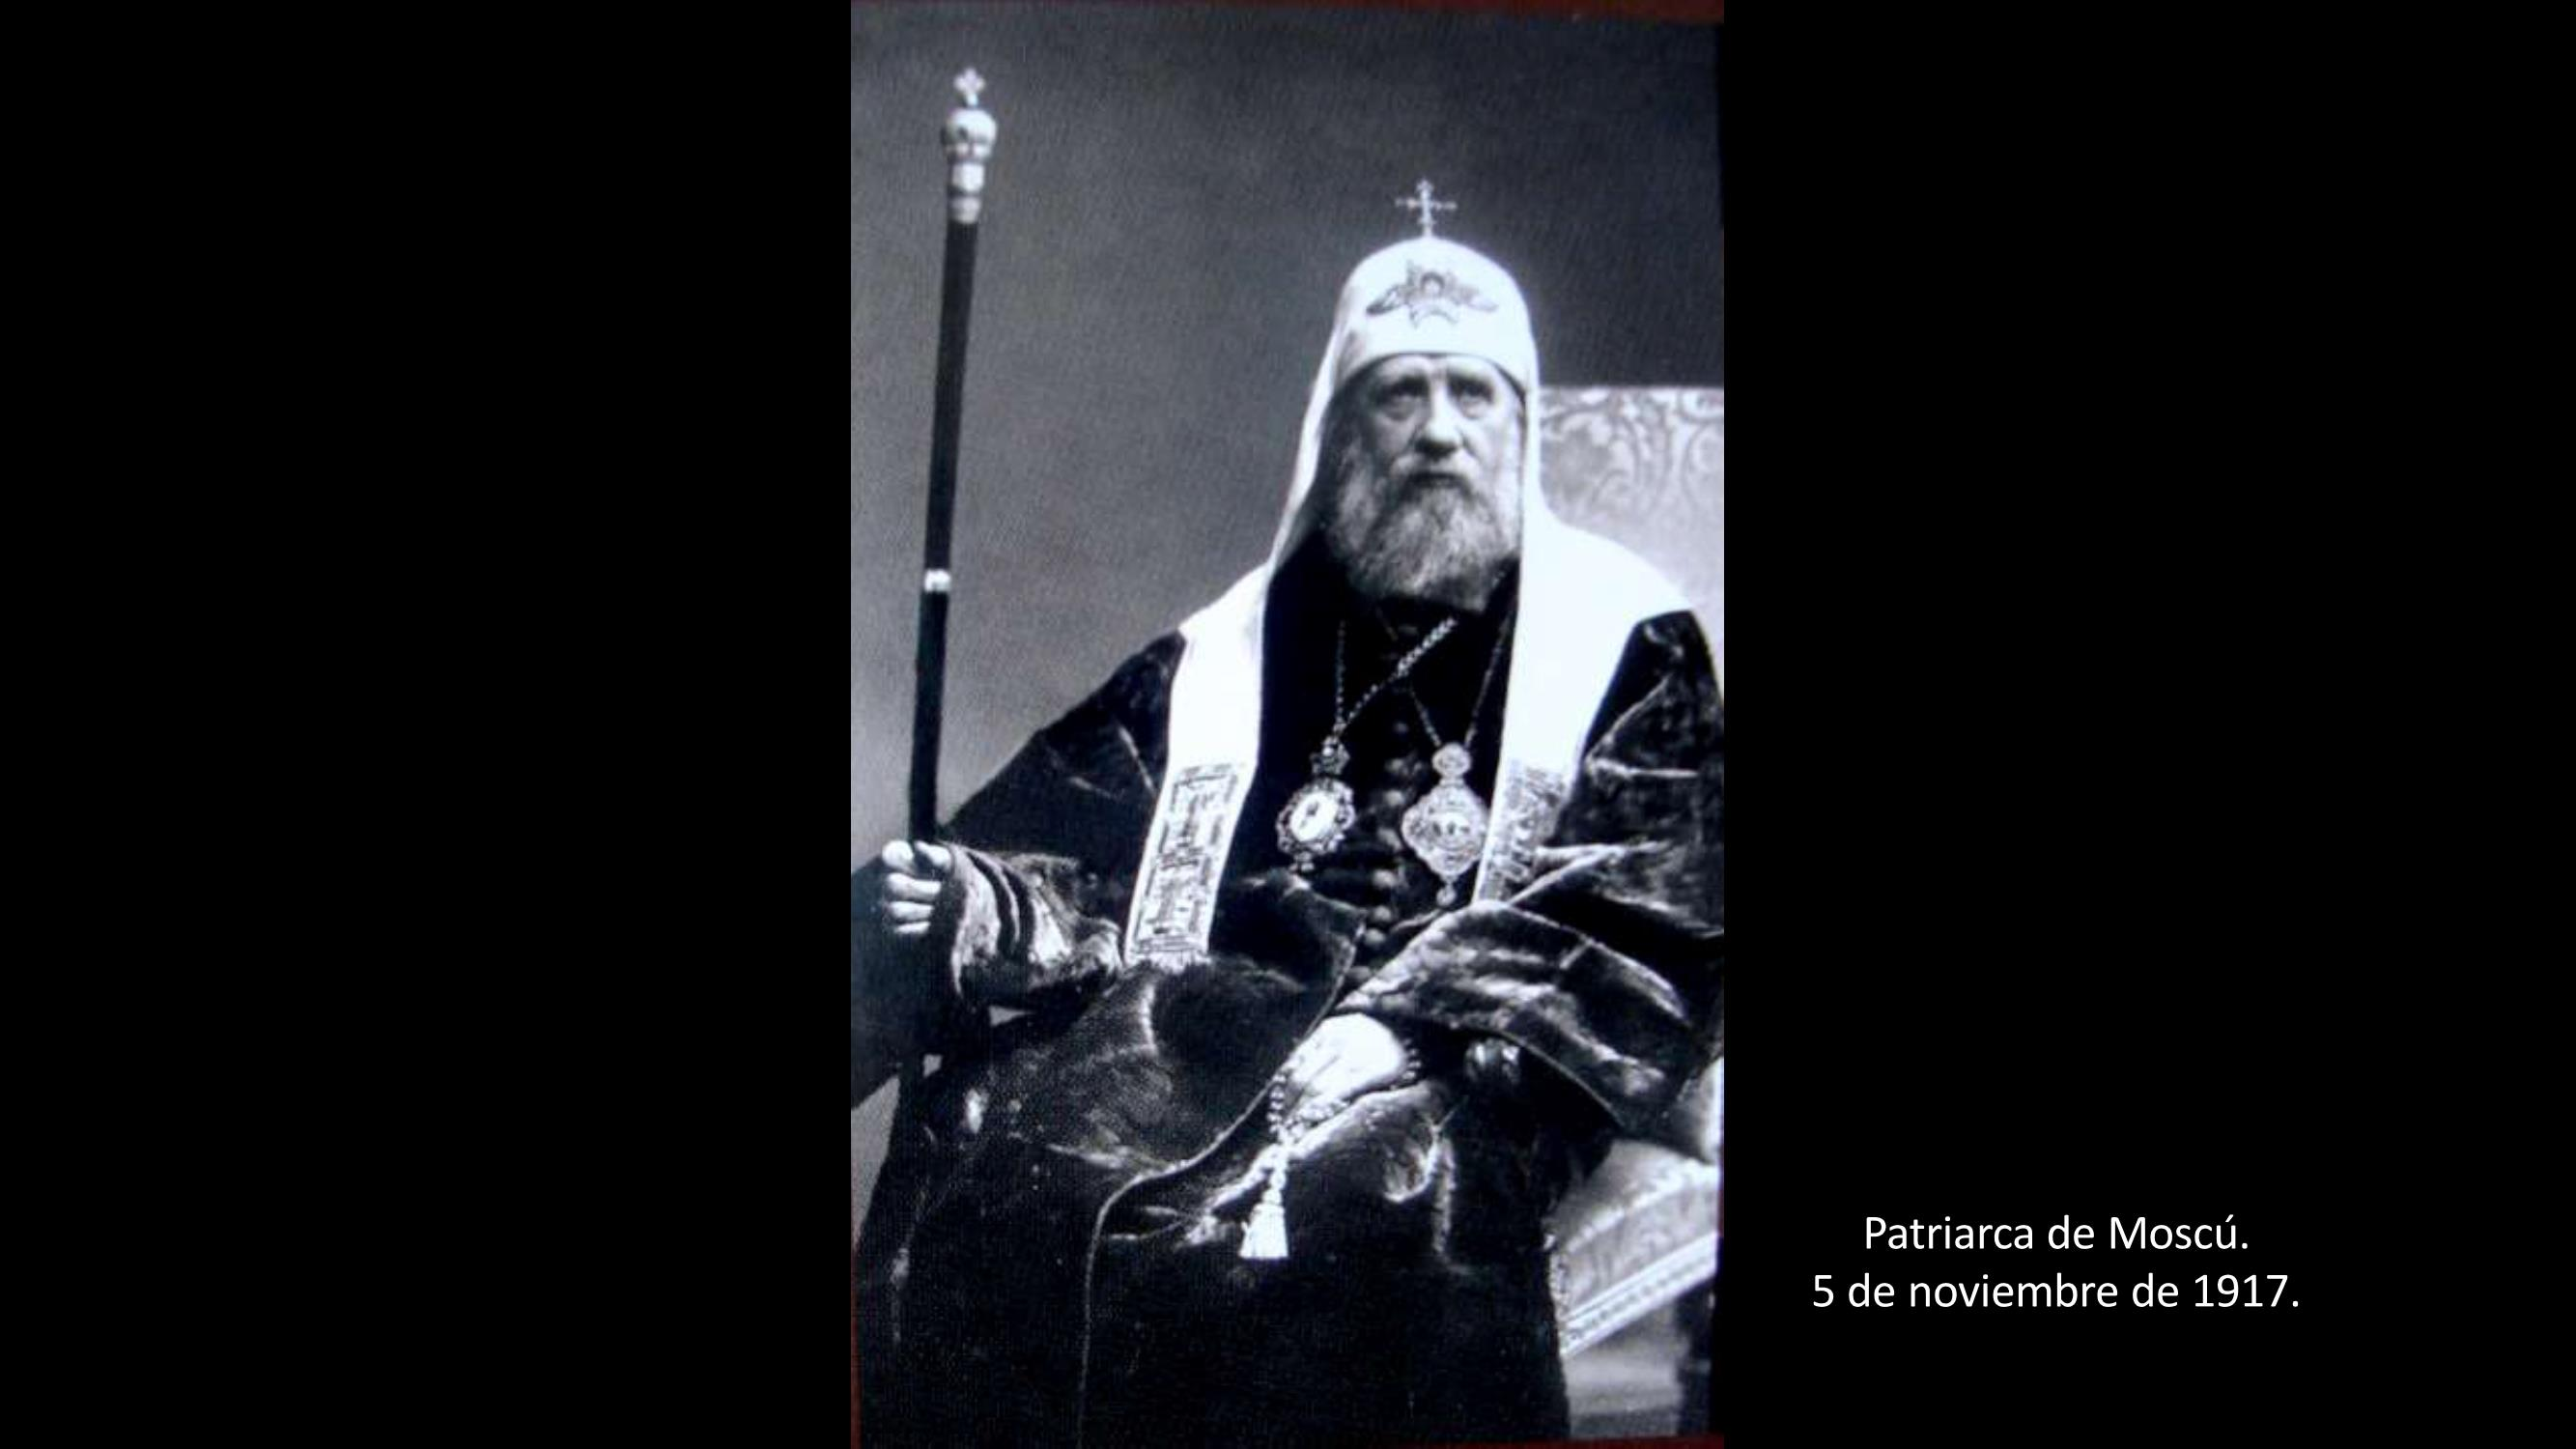 [26] Patriarca de Moscú, 1917